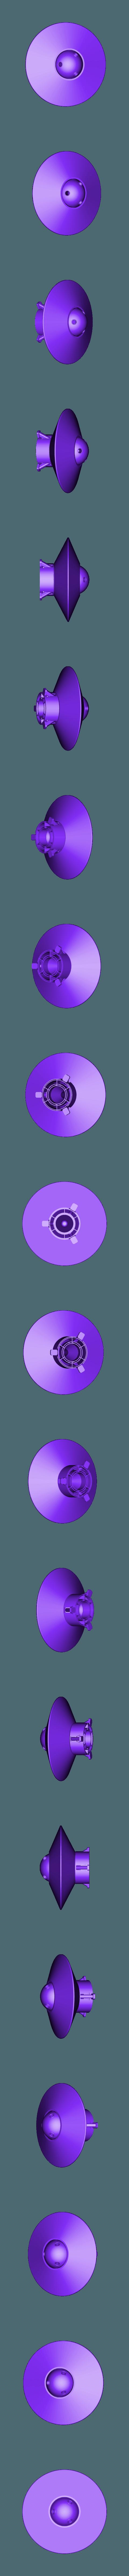 Spinning_UFO.stl Télécharger fichier STL gratuit OVNI avec disque extérieur tournant • Design pour imprimante 3D, Muzz64